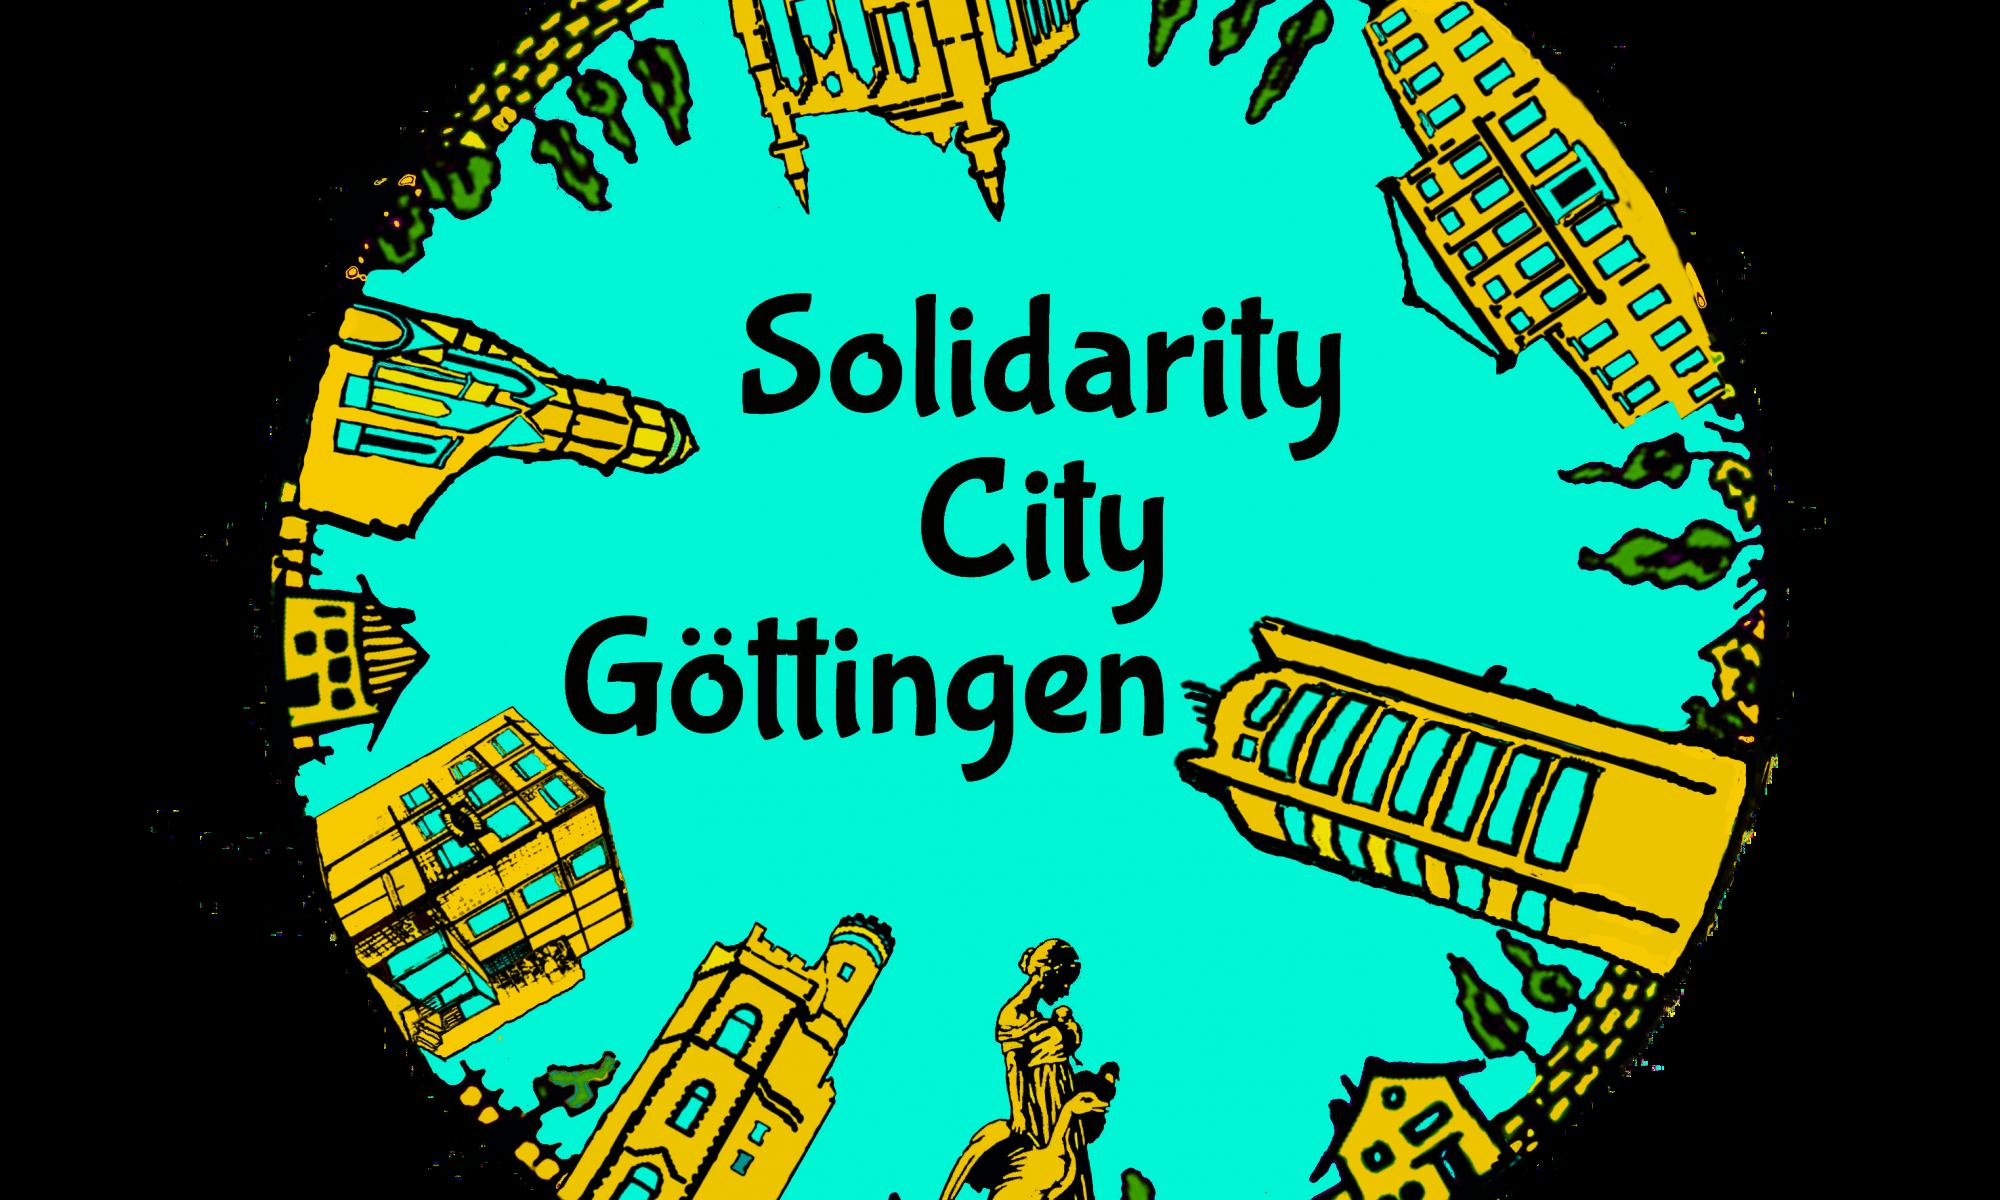 solidarity city göttingen